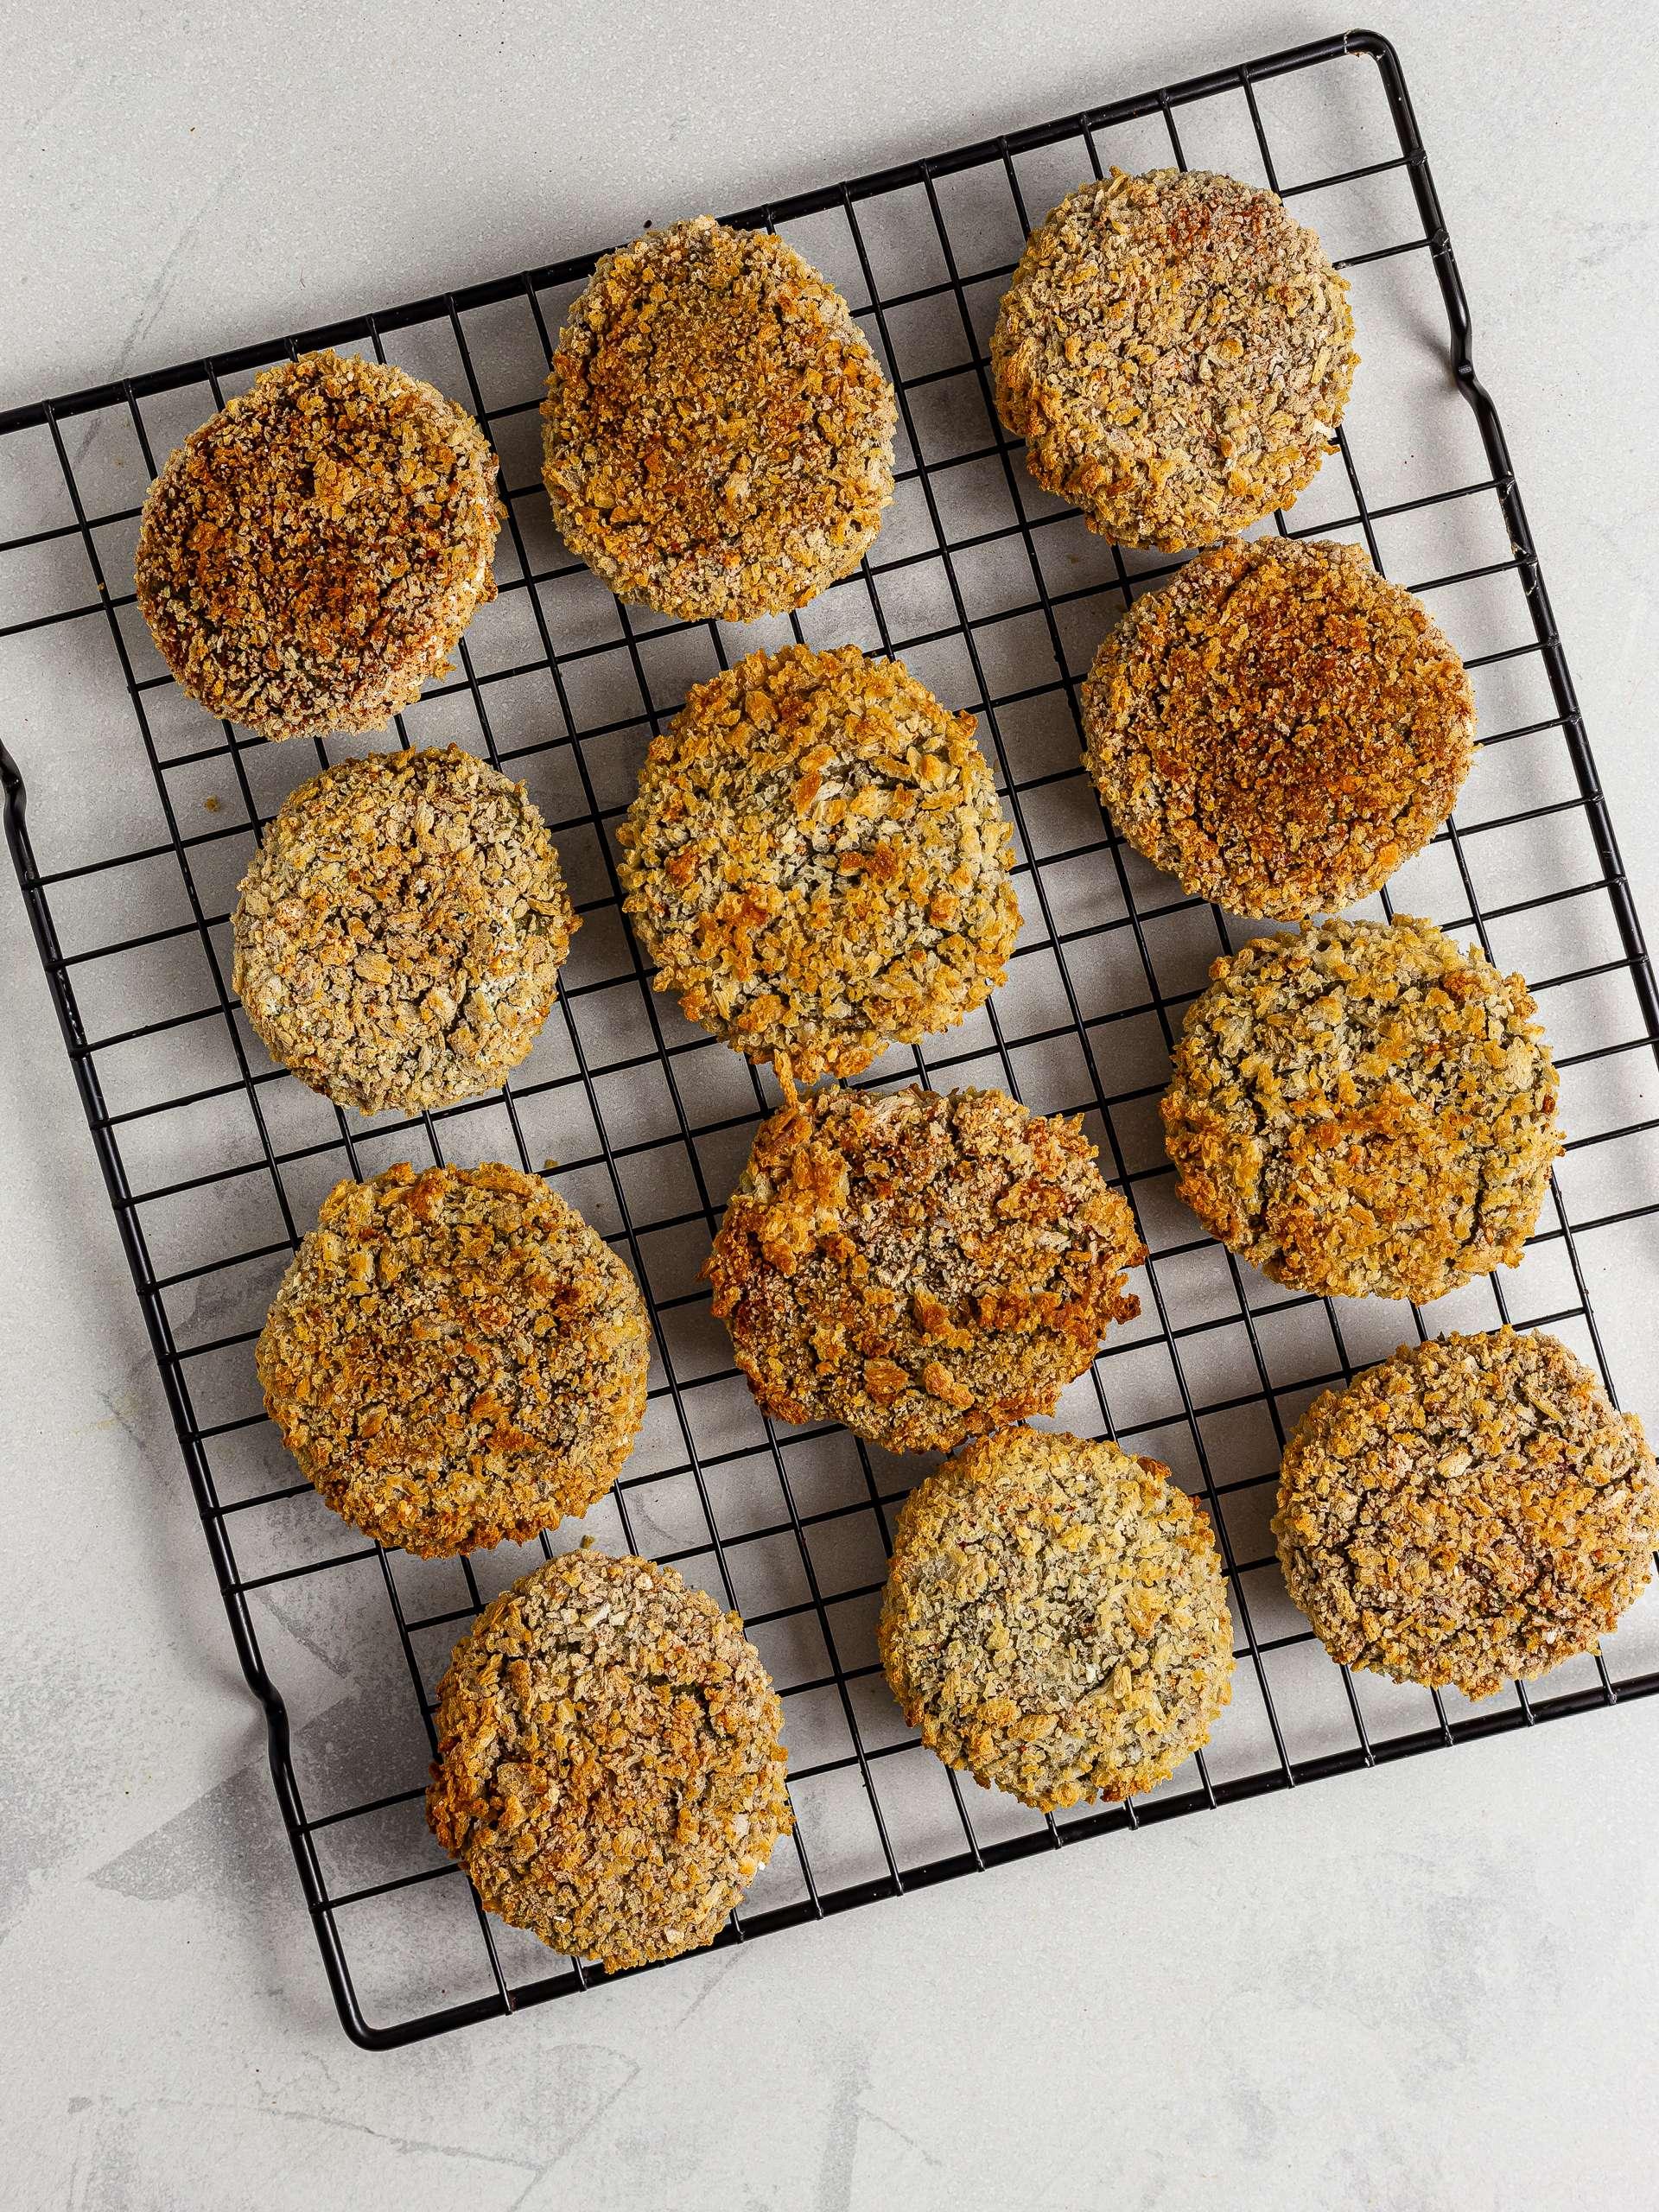 Oven-baked lentil nuggets